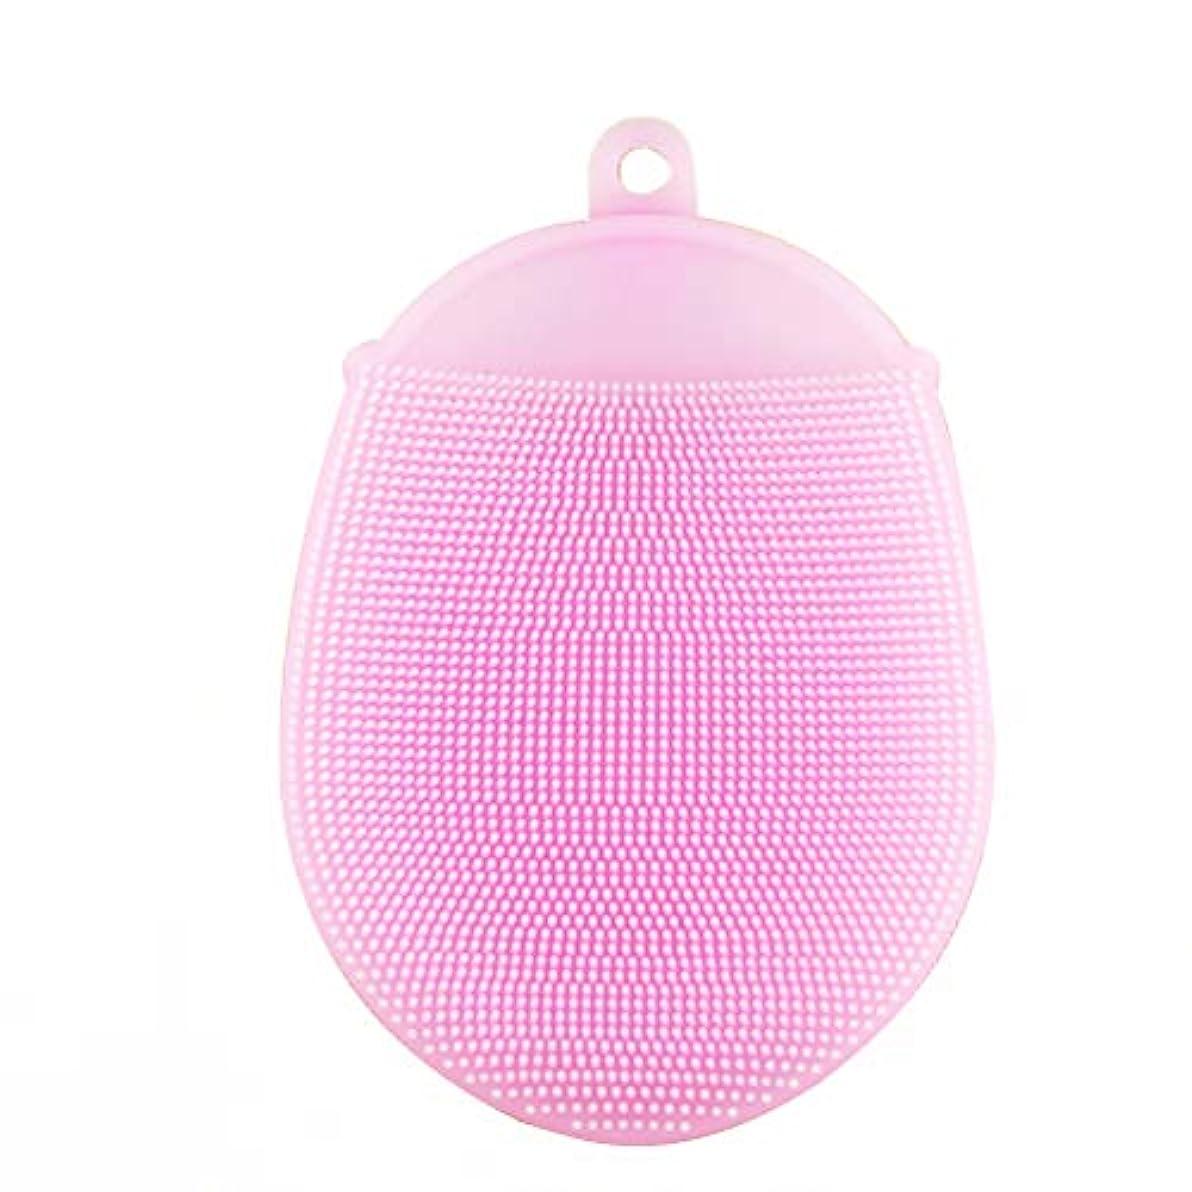 マイクロ寸前無臭SUPVOX 2本シリコンバスブラシボディバックブラシシャワースクラバーフェイシャルクレンジングパッド(ピンク)